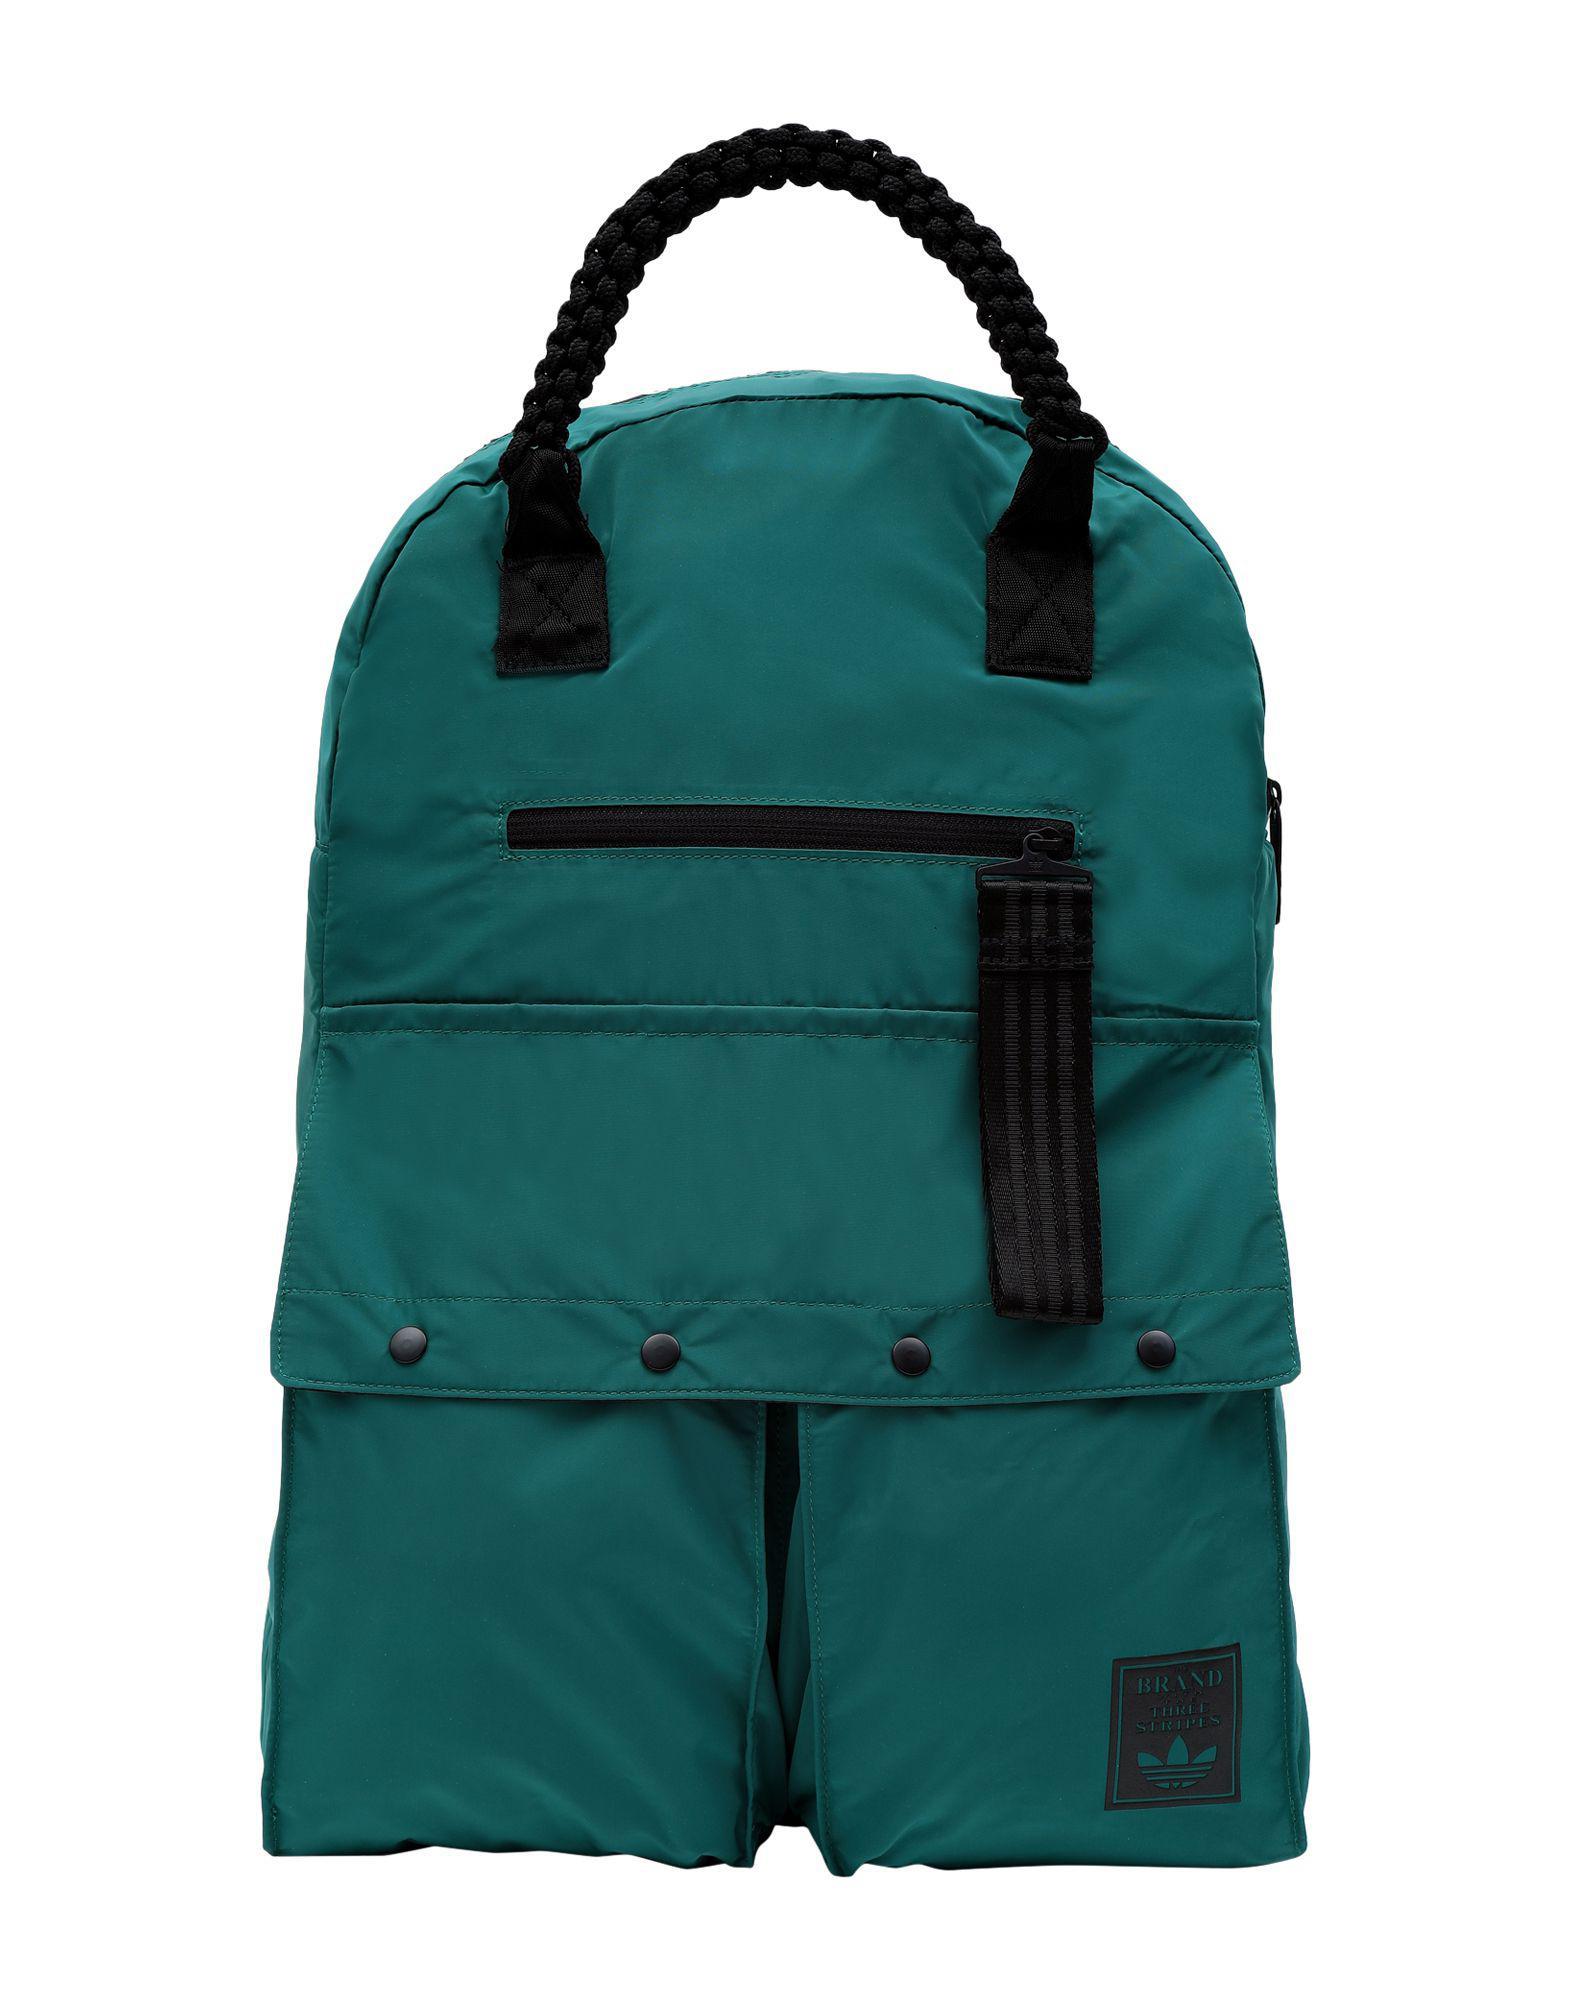 Lyst - Mochilas y riñoneras adidas Originals de color Verde 435cd8bad3a